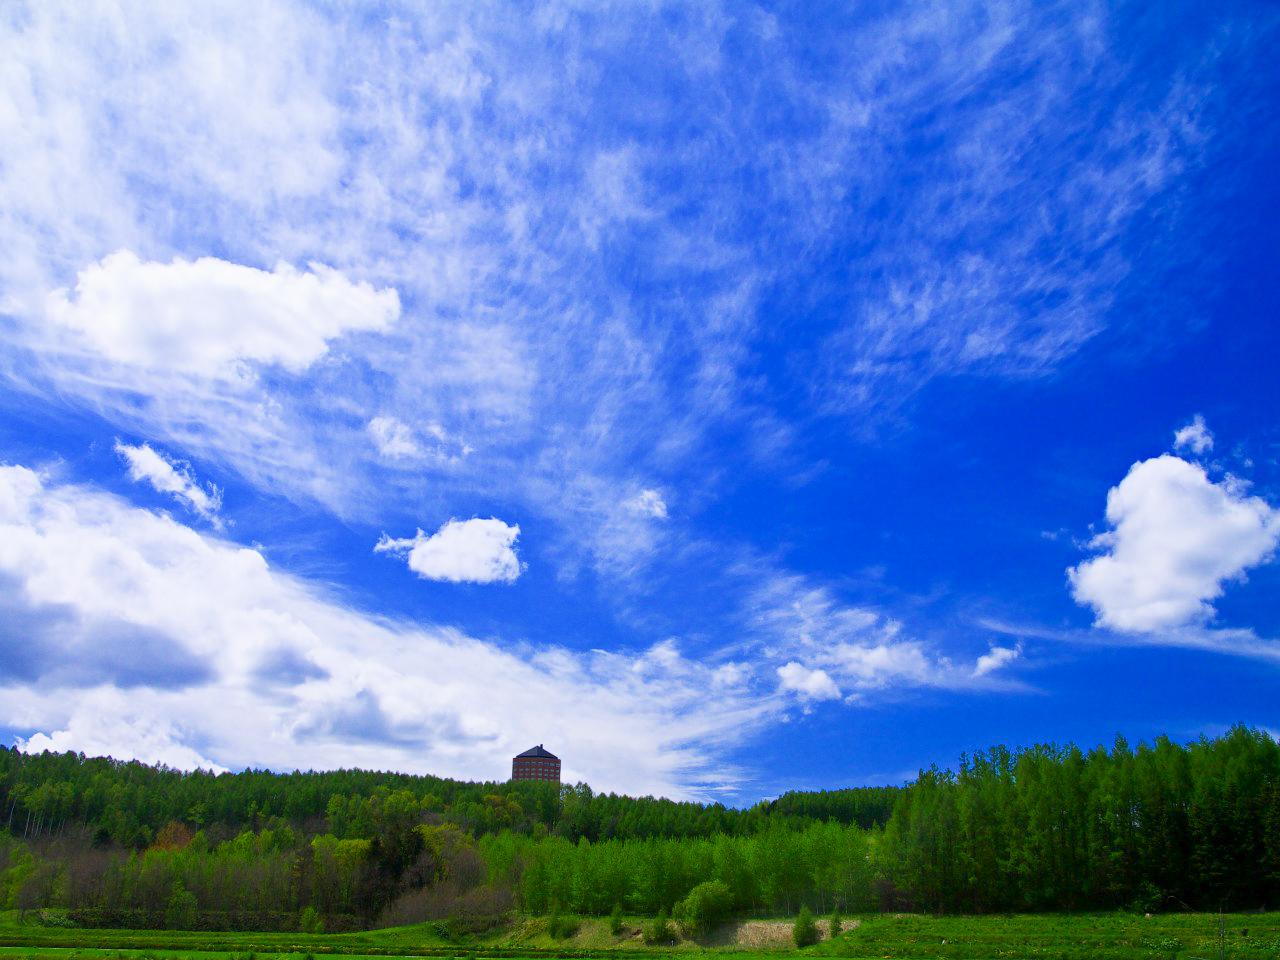 北海道 - 富良野リゾートオリカ | 色彩の奇跡と出会えるホテル ...